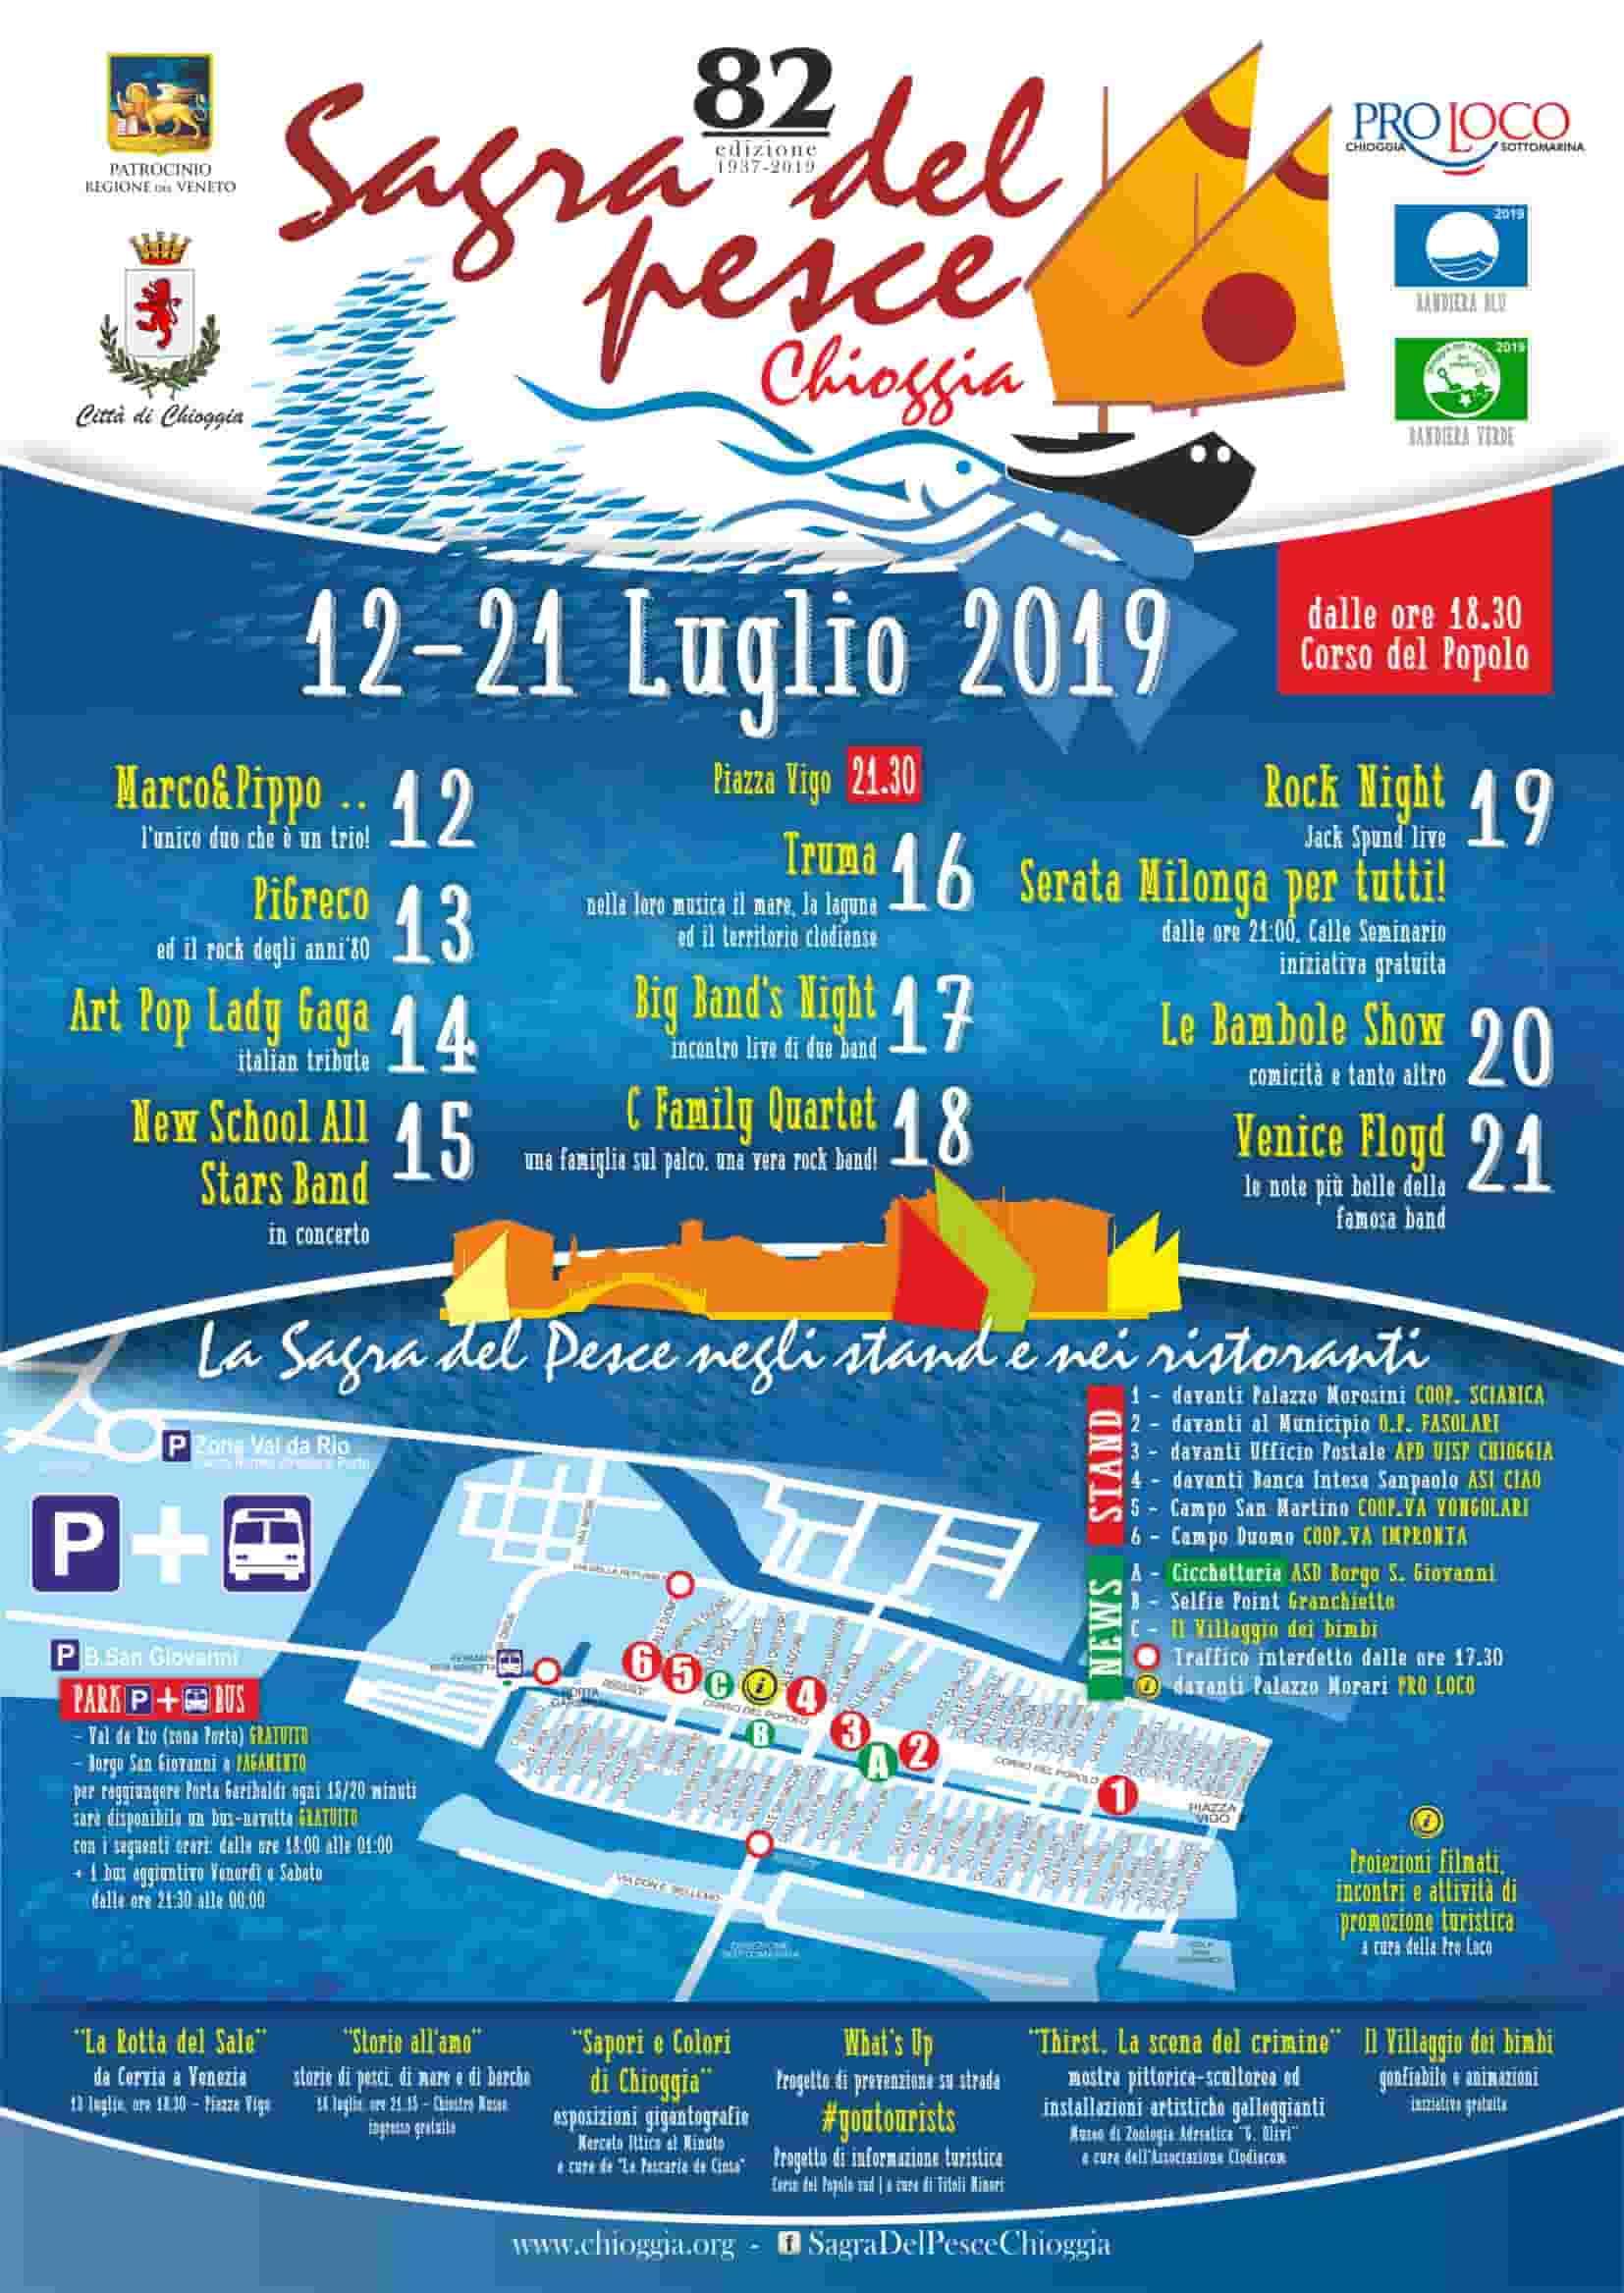 Chioggia - Sagra del Pesce - 2019